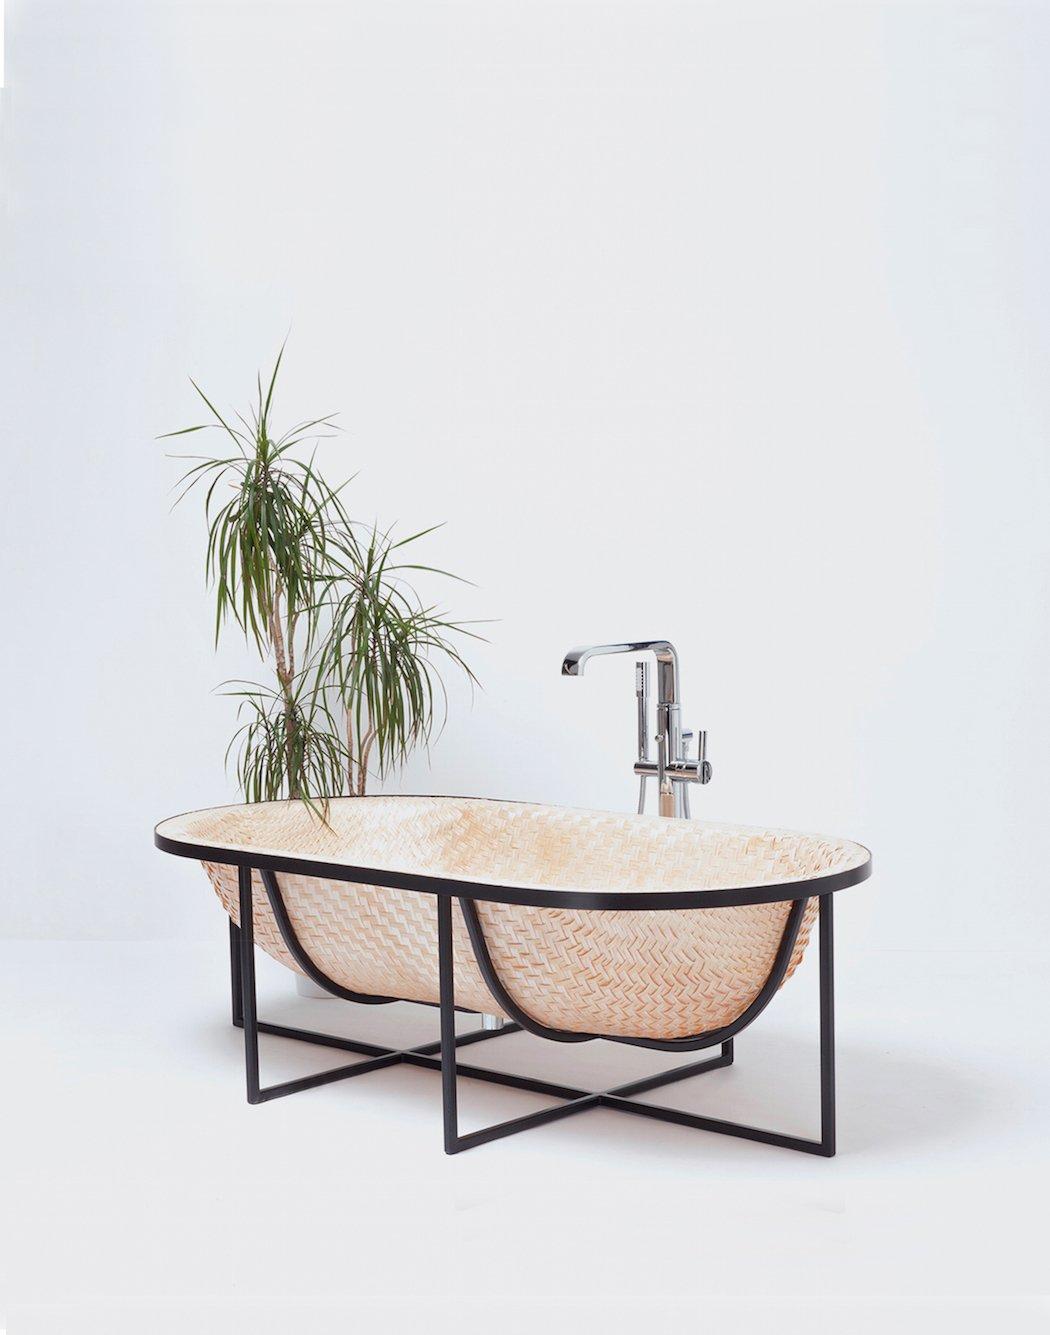 tal-engel-bathtub_design_001a